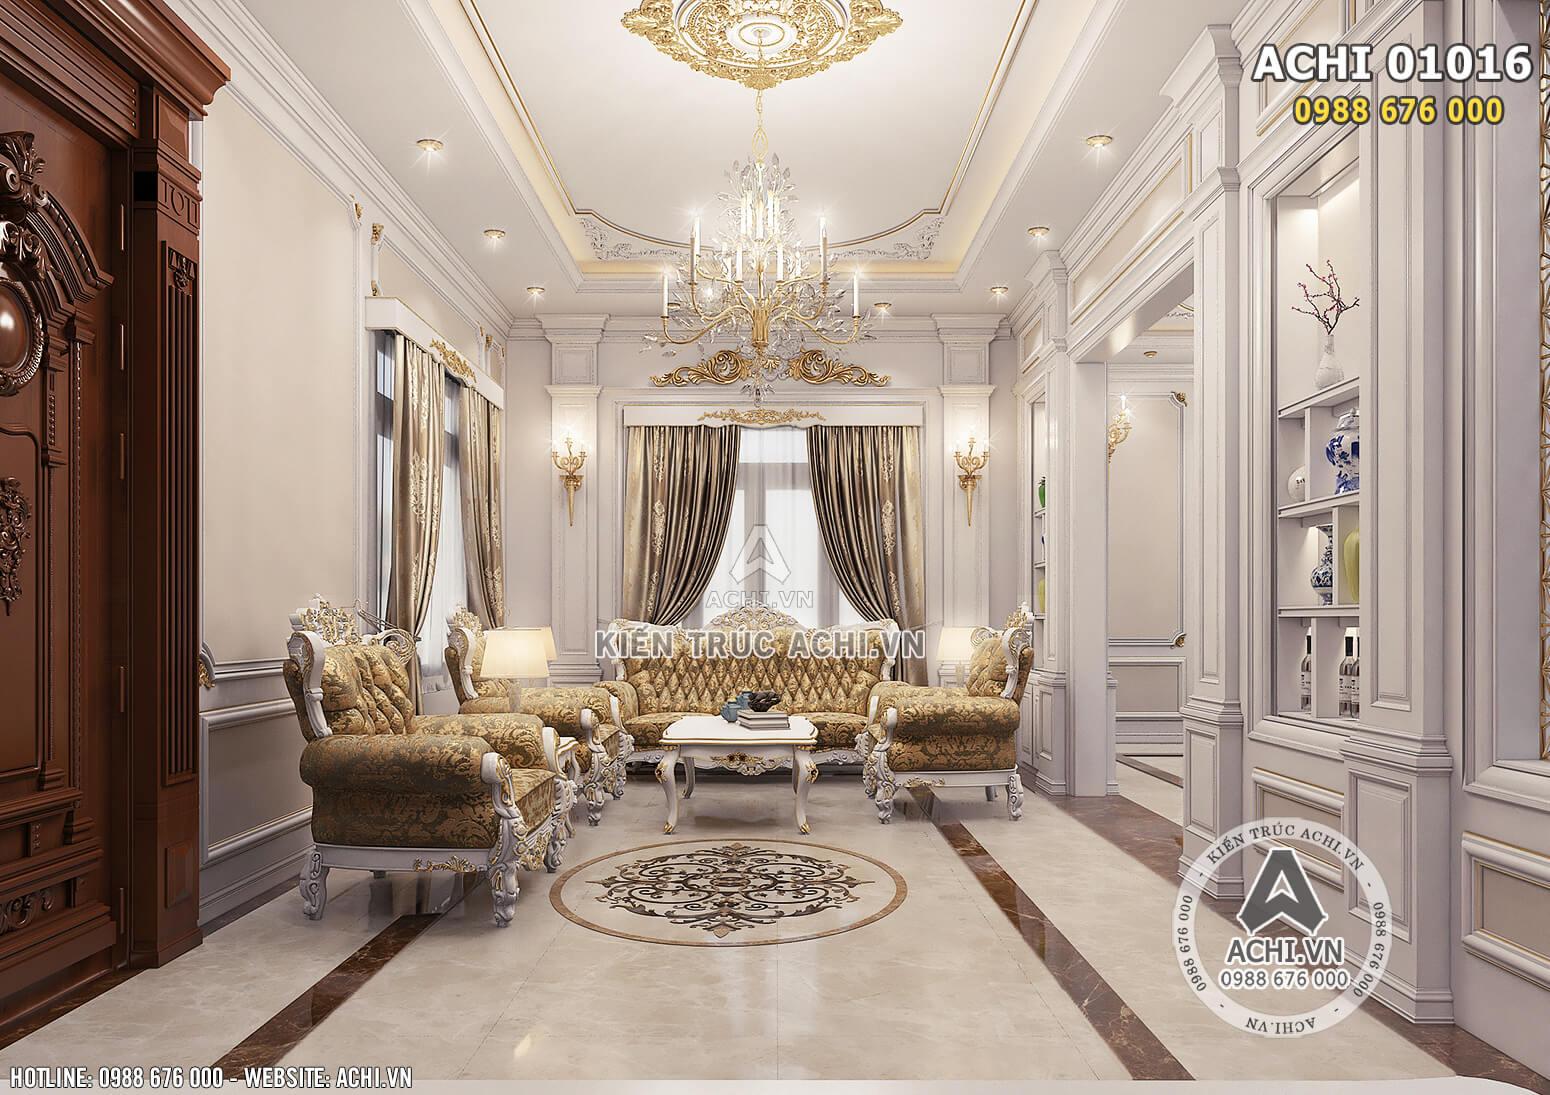 Hình ảnh: Bộ sofa cho không gian phòng khách - ACHI 01016